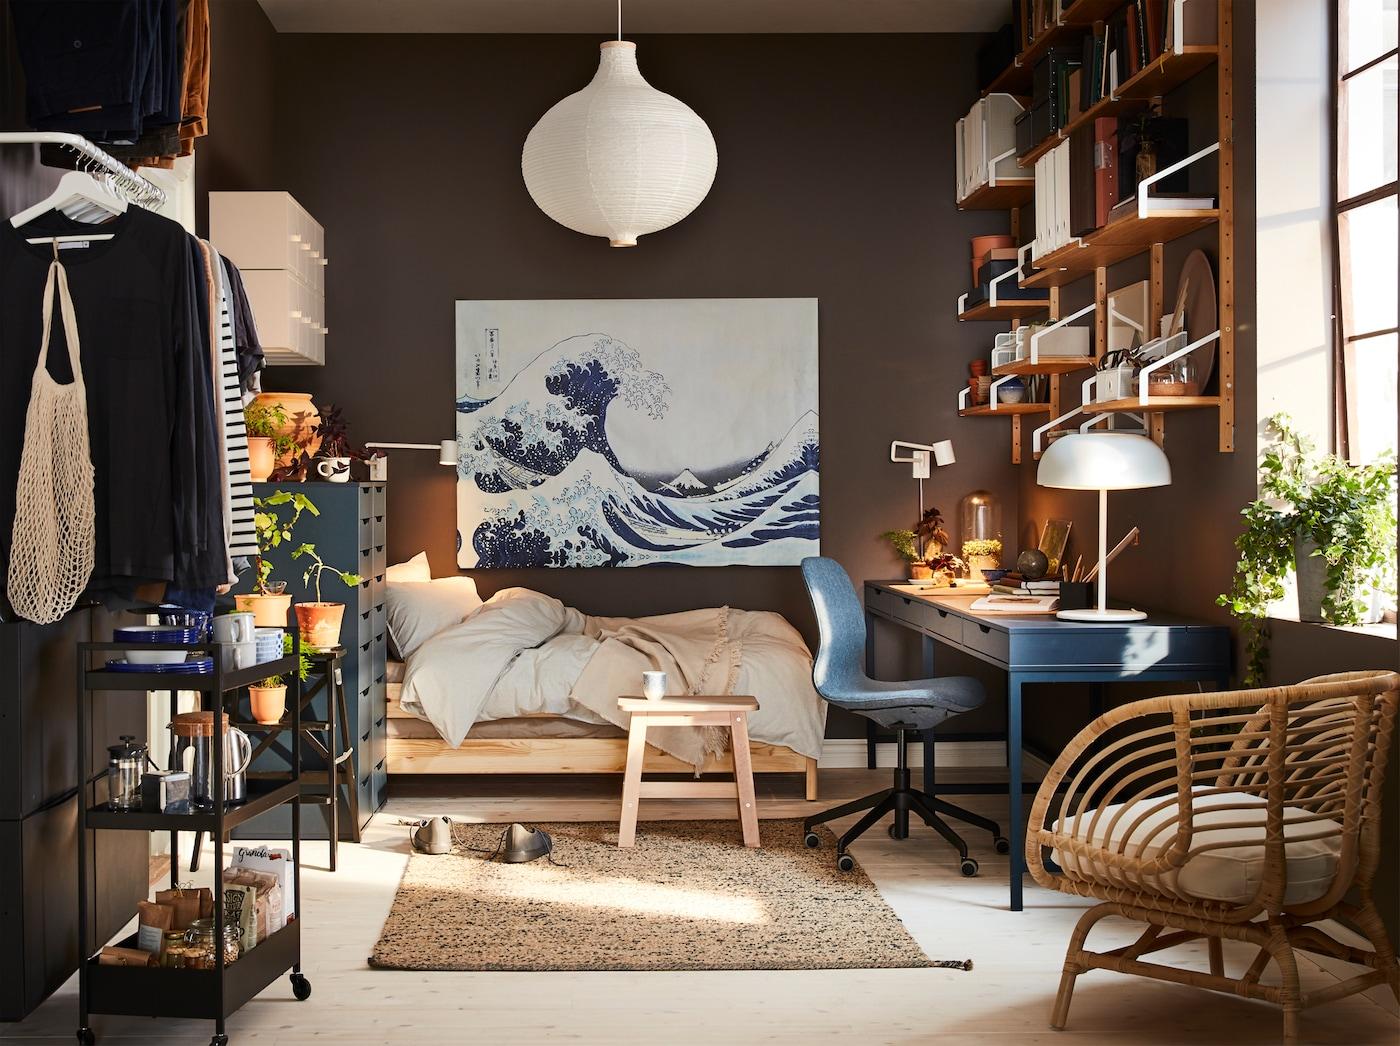 ダークブルーのデスク、籐製アームチェア、ホワイトのペンダントランプシェード、青い大波のアートがある小さな家。